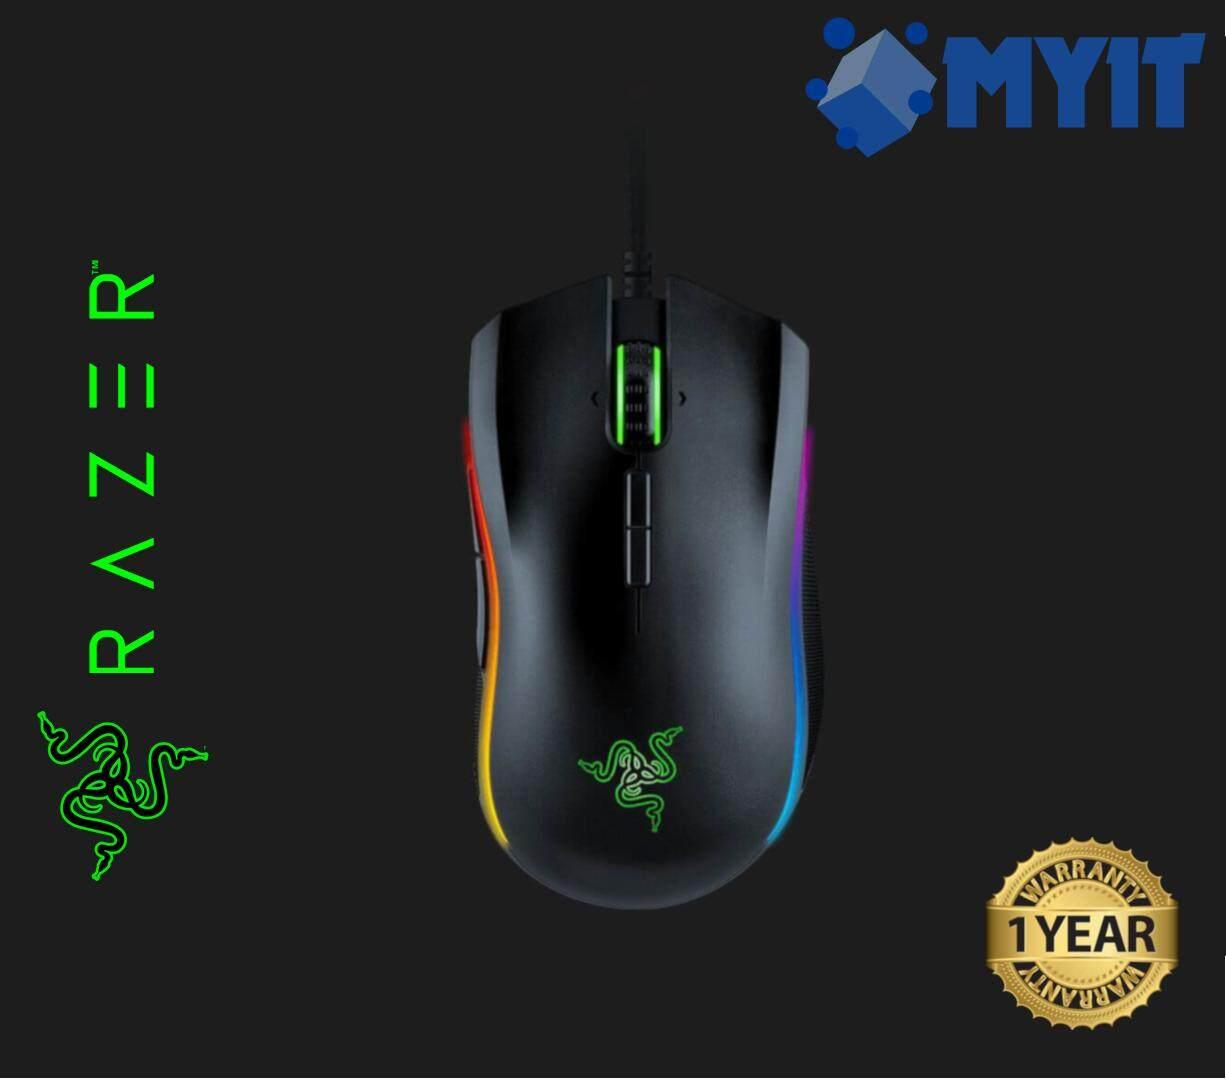 Razer Mamba Tournament Edition Chroma Gaming Mouse Rz01 01370100 5g Wireless 16000dpi 9 Button Rgb R3a1